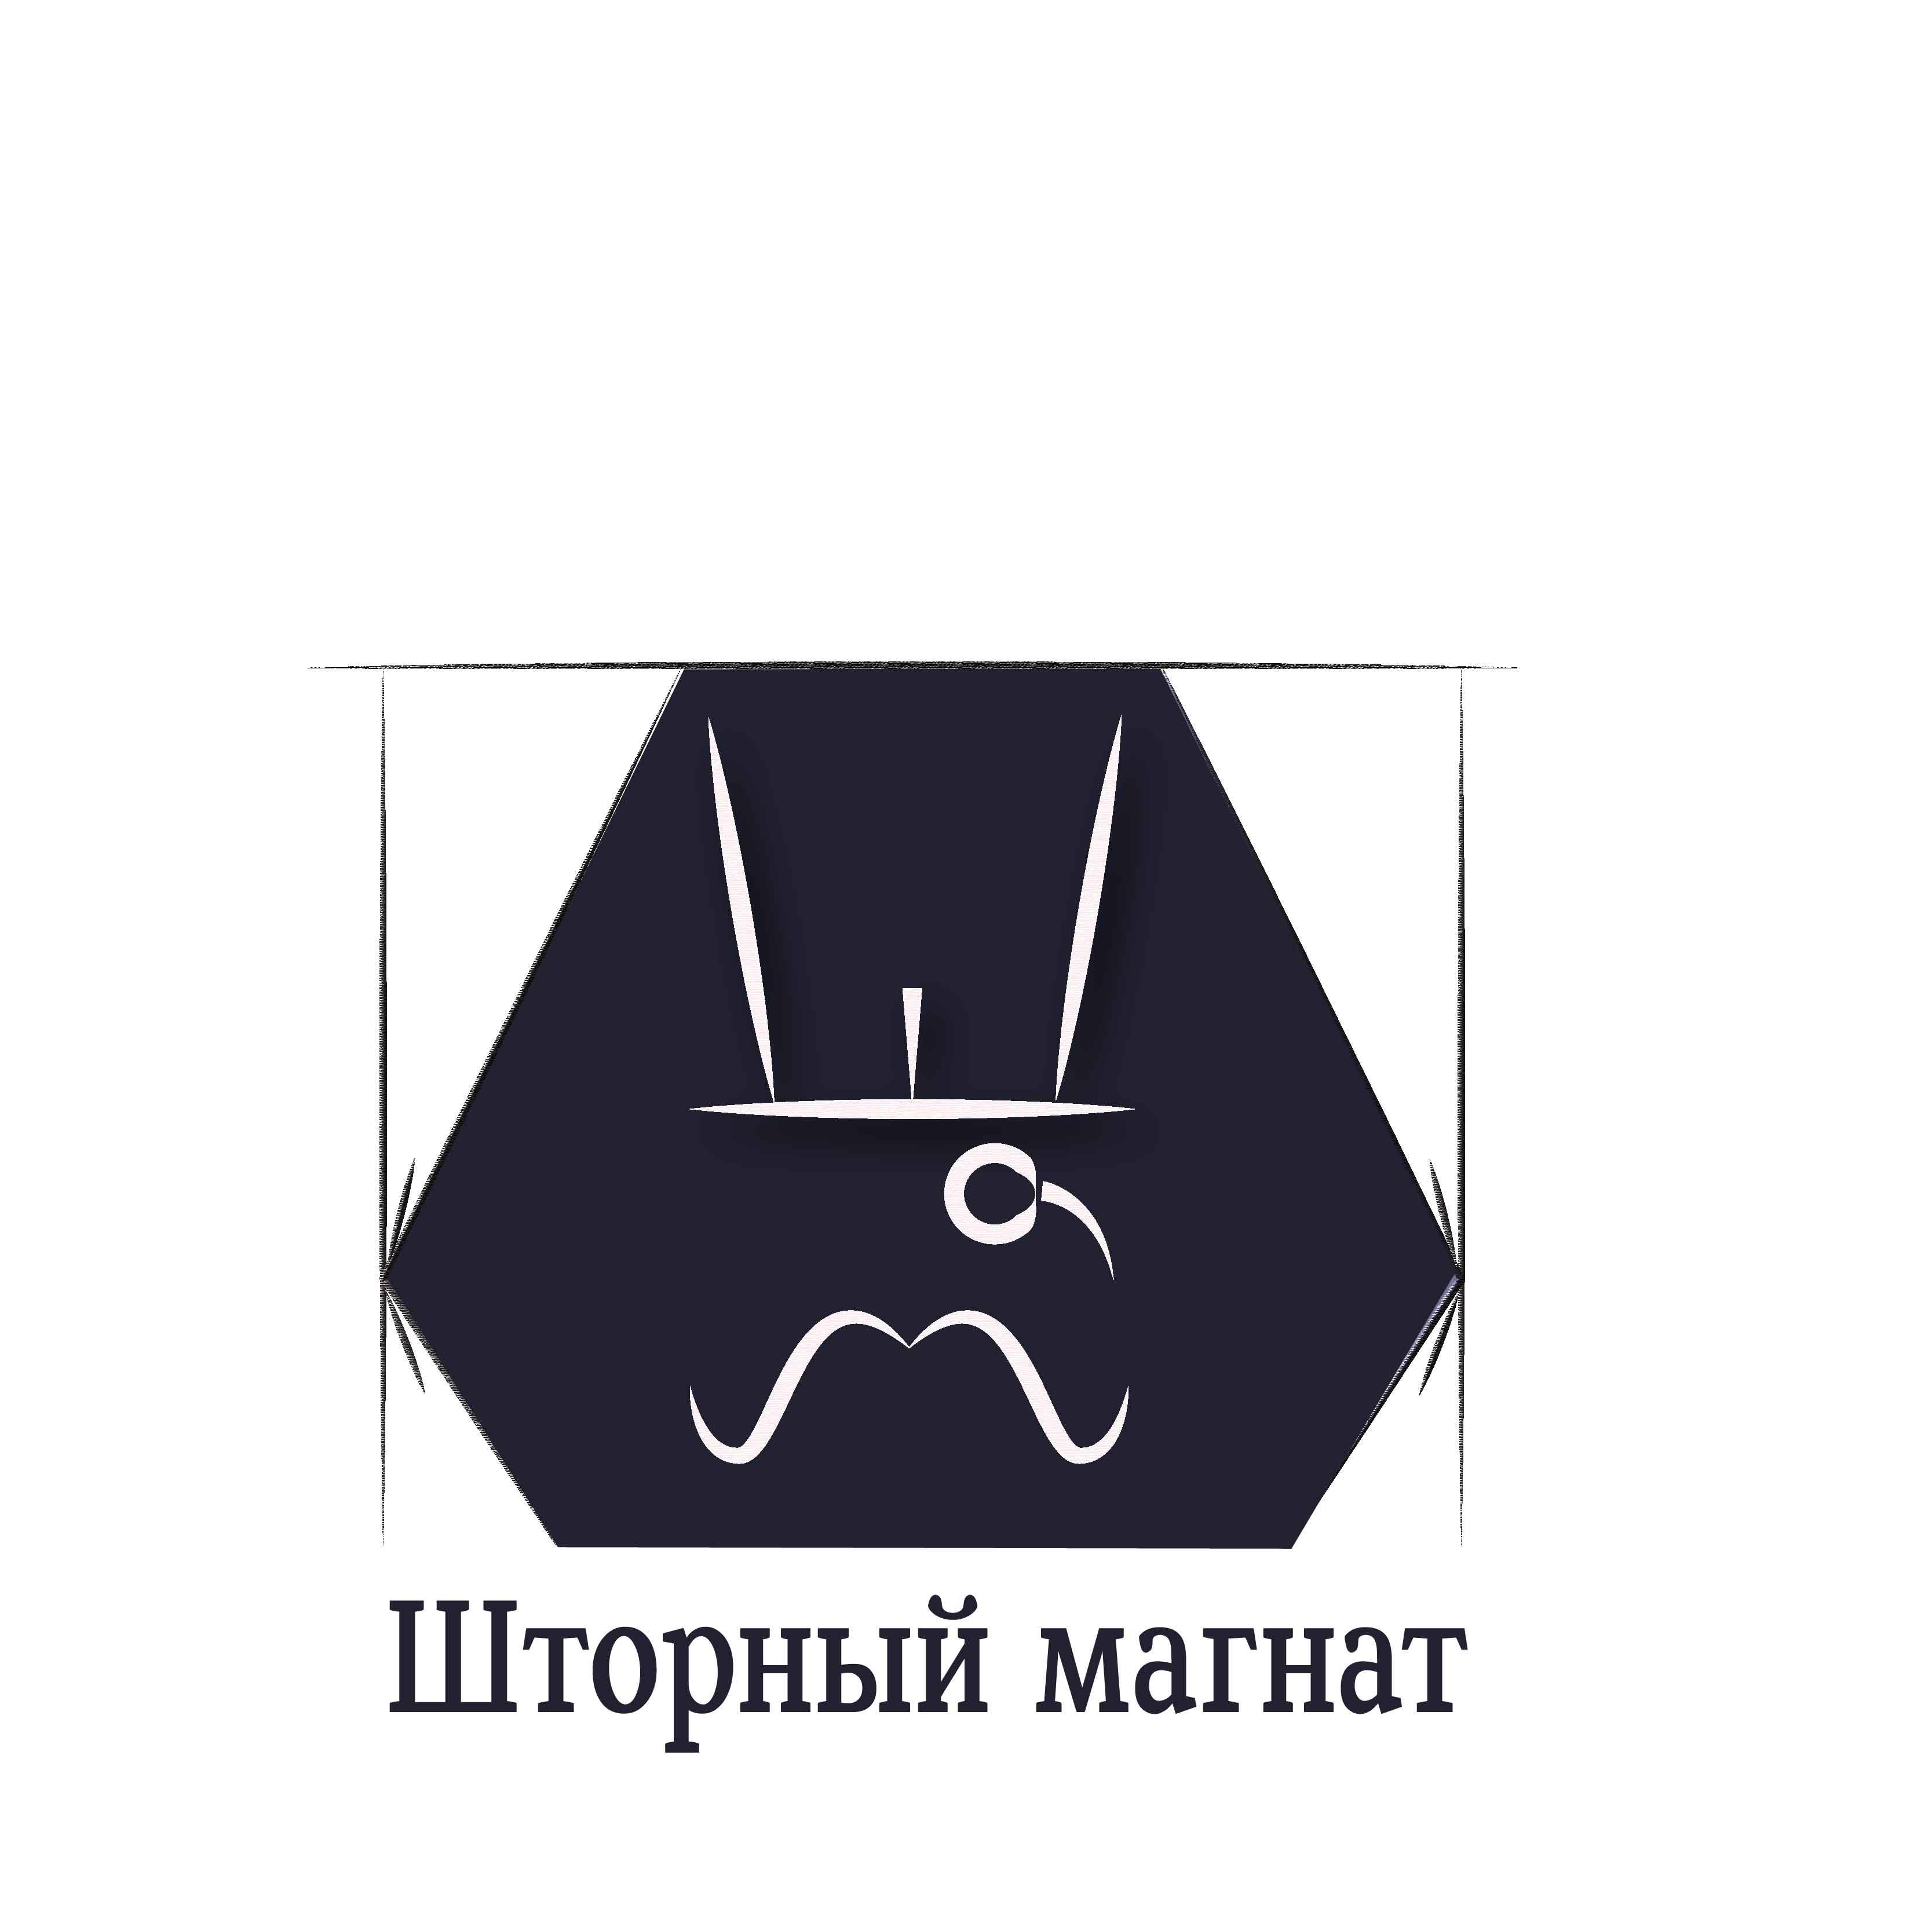 Логотип и фирменный стиль для магазина тканей. фото f_2725cda3e705a581.jpg